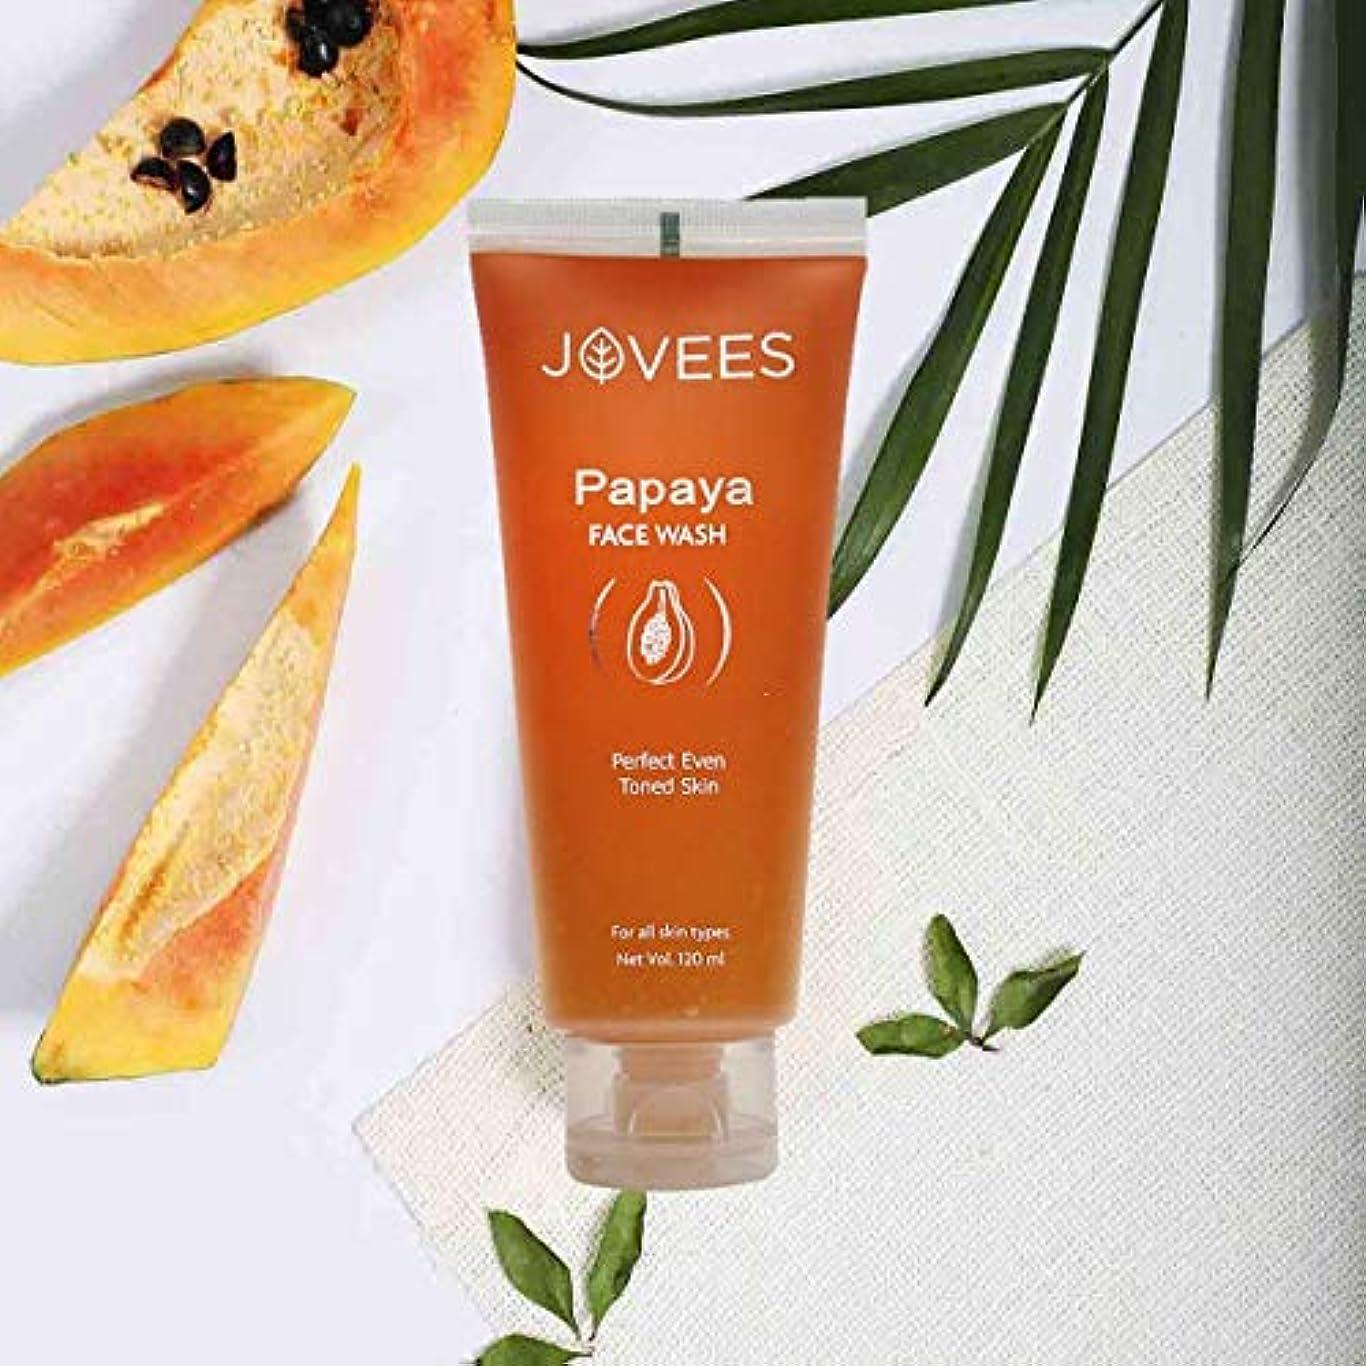 スカルク関税うつJovees Papaya Face Wash 120ml Papaya & Vitamin A For Perfect Even Toned Skin パパイヤ洗顔用パパイヤ&ビタミンA